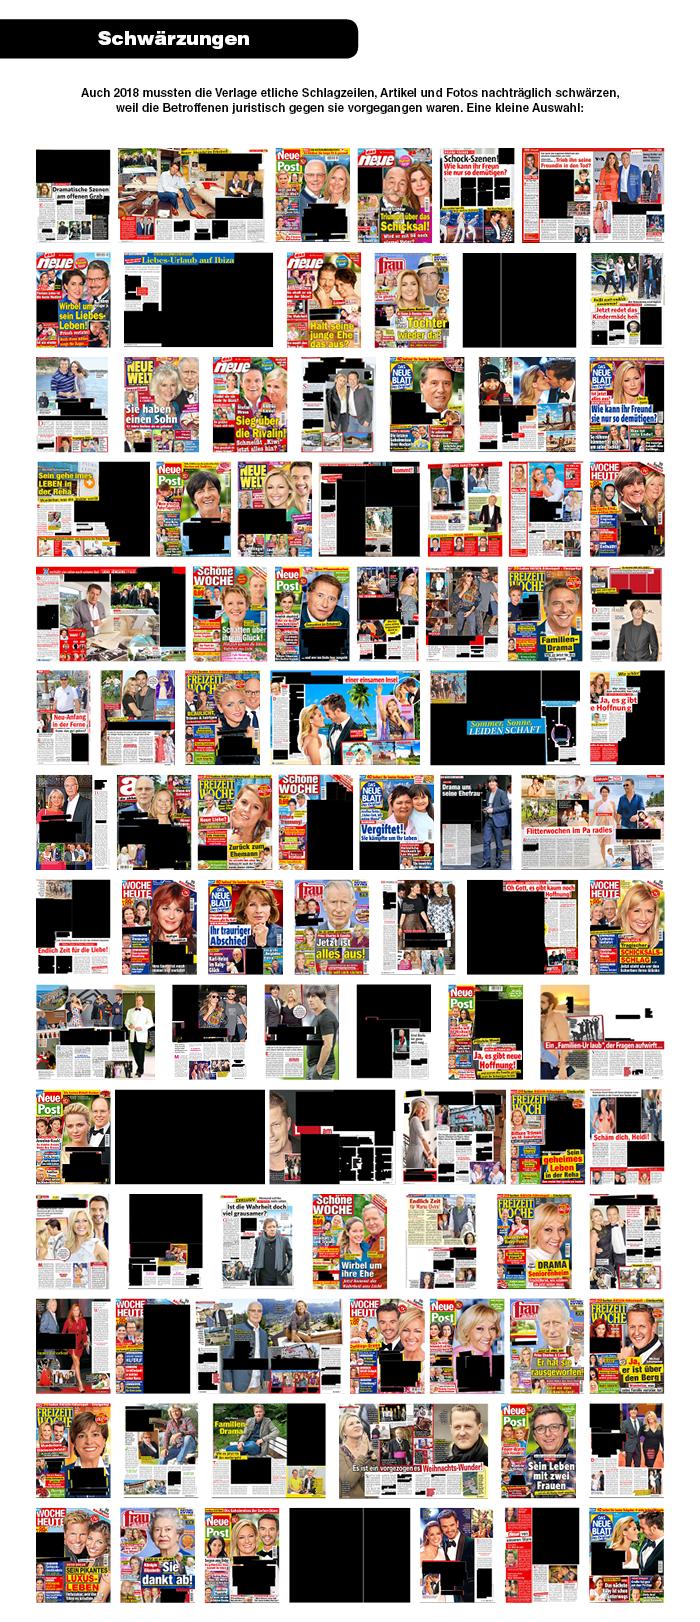 Schwärzungen: Auch 2018 mussten die Verlage etliche Schlagzeilen, Artikel und Fotos nachträglich schwärzen, weil die Betroffenen juristisch gegen sie vorgegangen waren. Eine kleine Auswahl: [Eine Collage mit 100 Titelseiten und Artikeln, die ganz oder teilweise geschwärzt sind.]